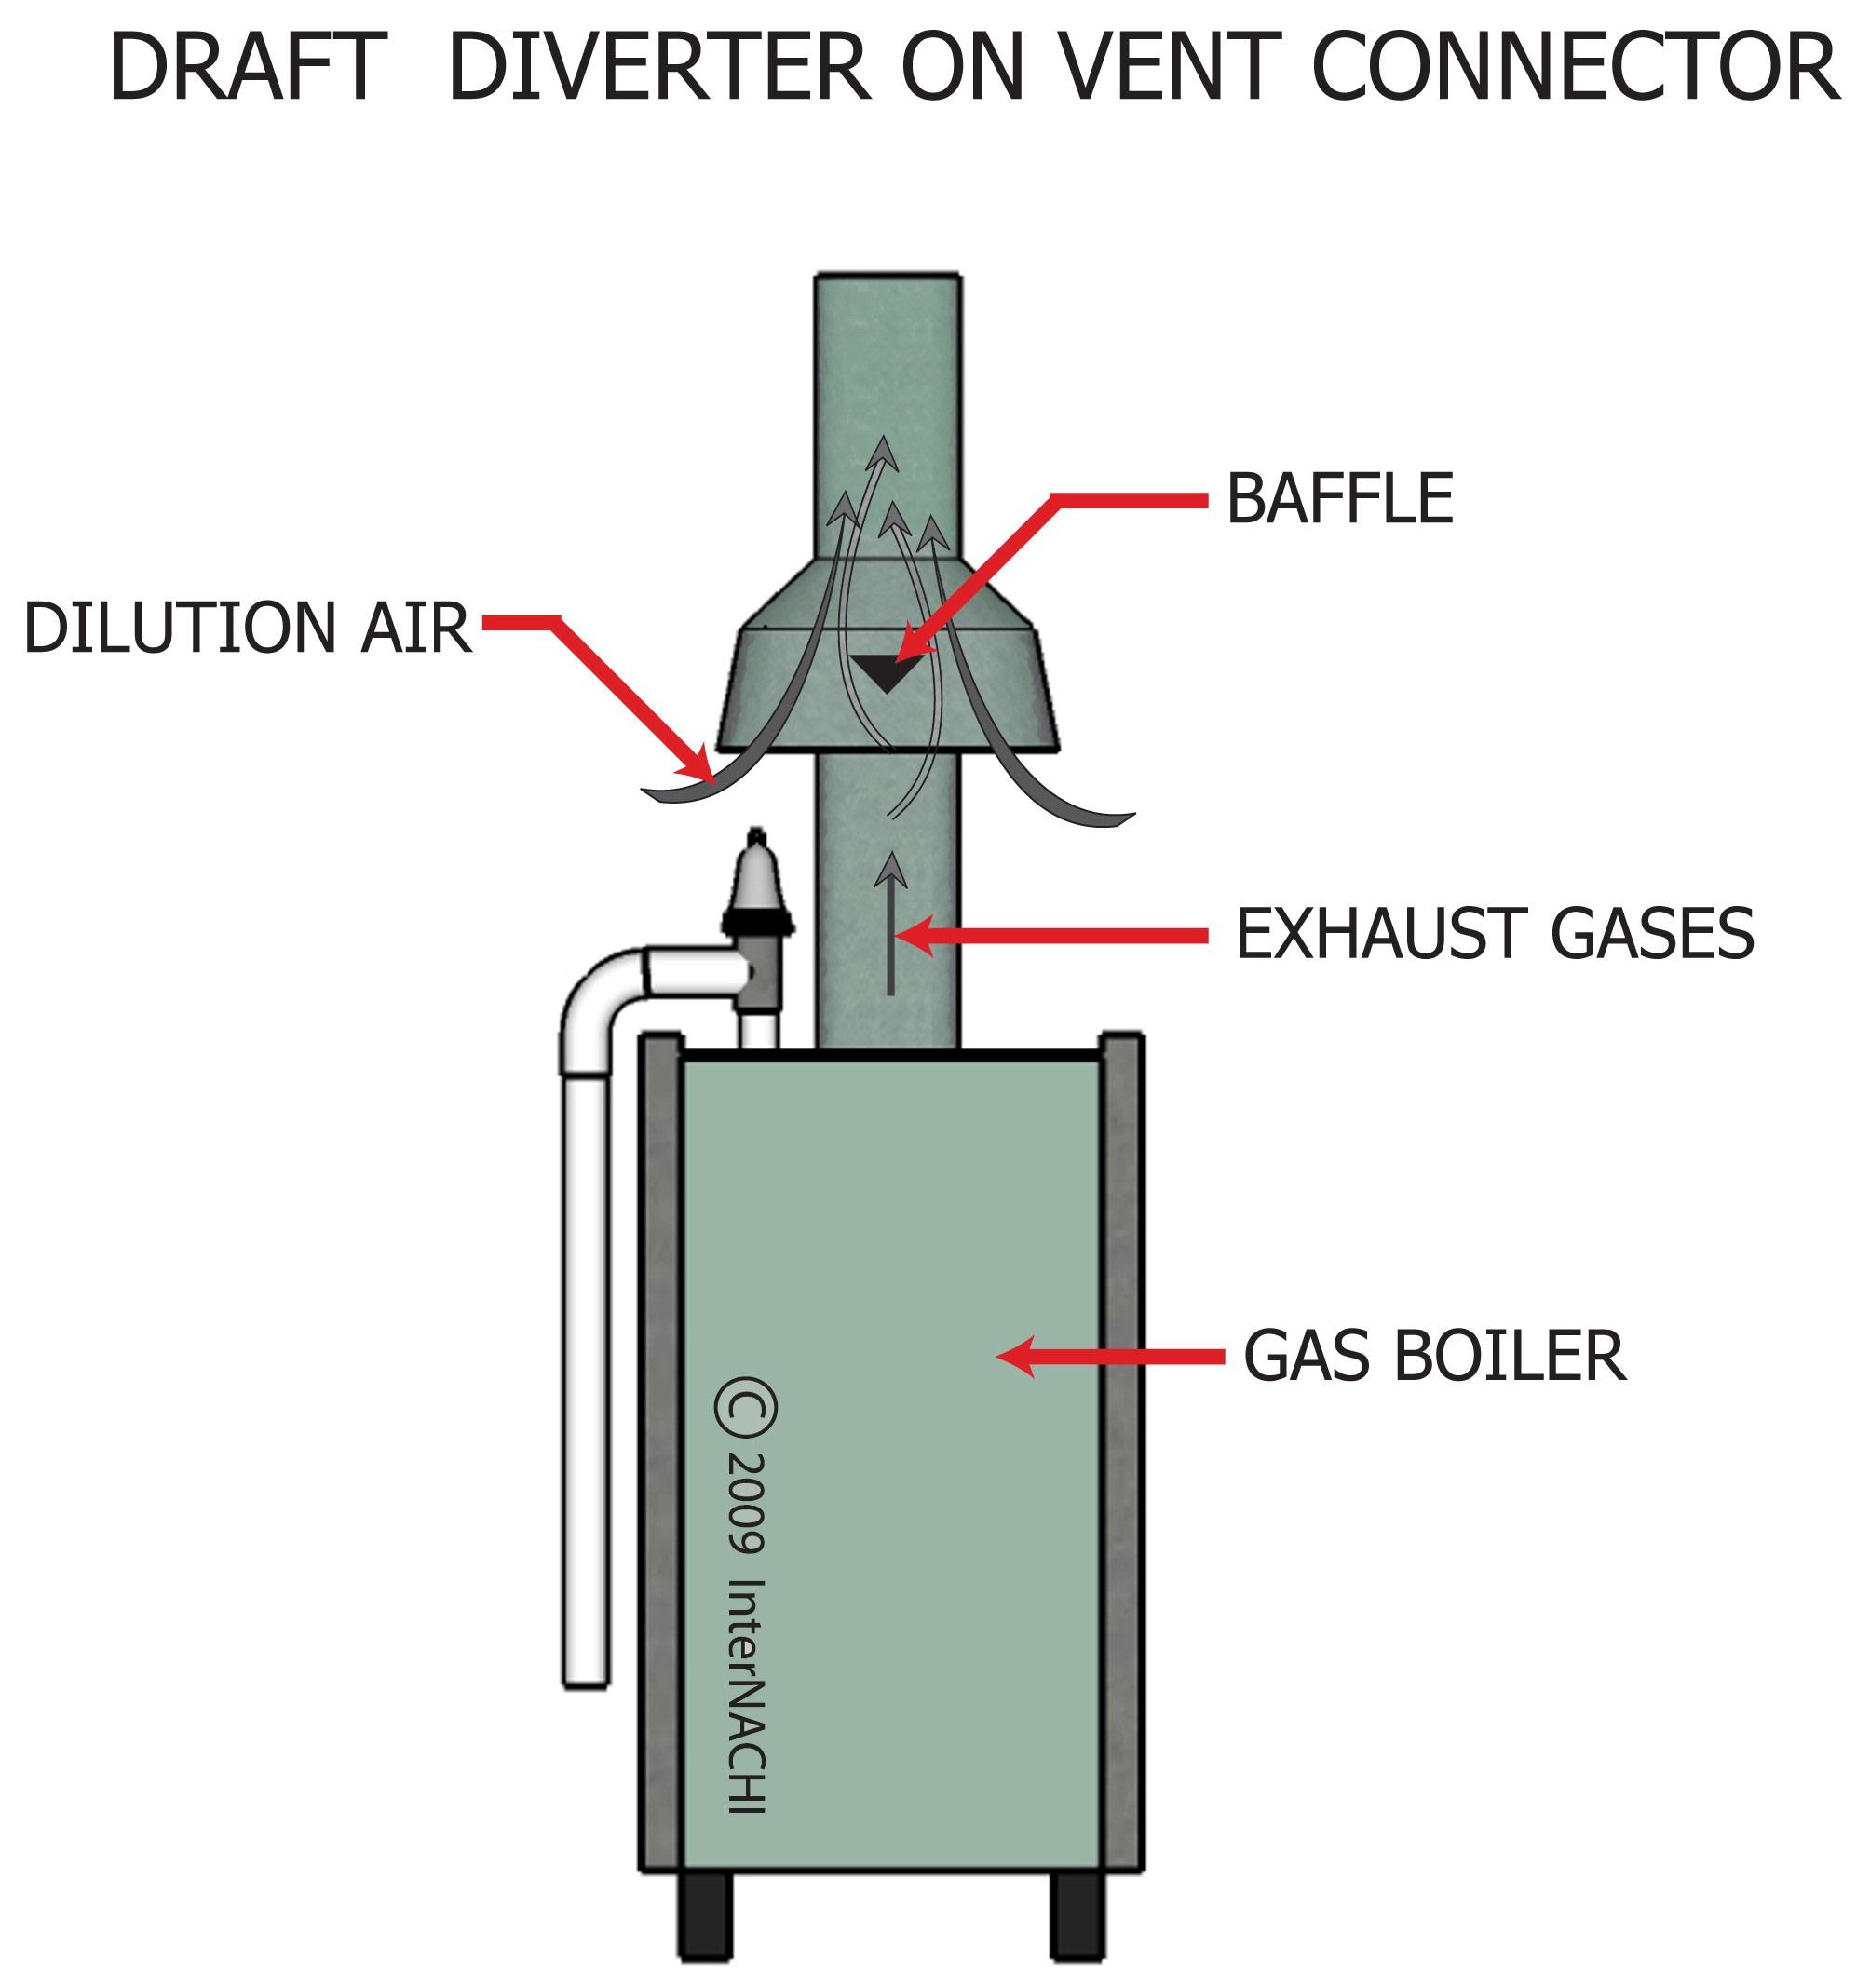 Draft diverter on vent connector.